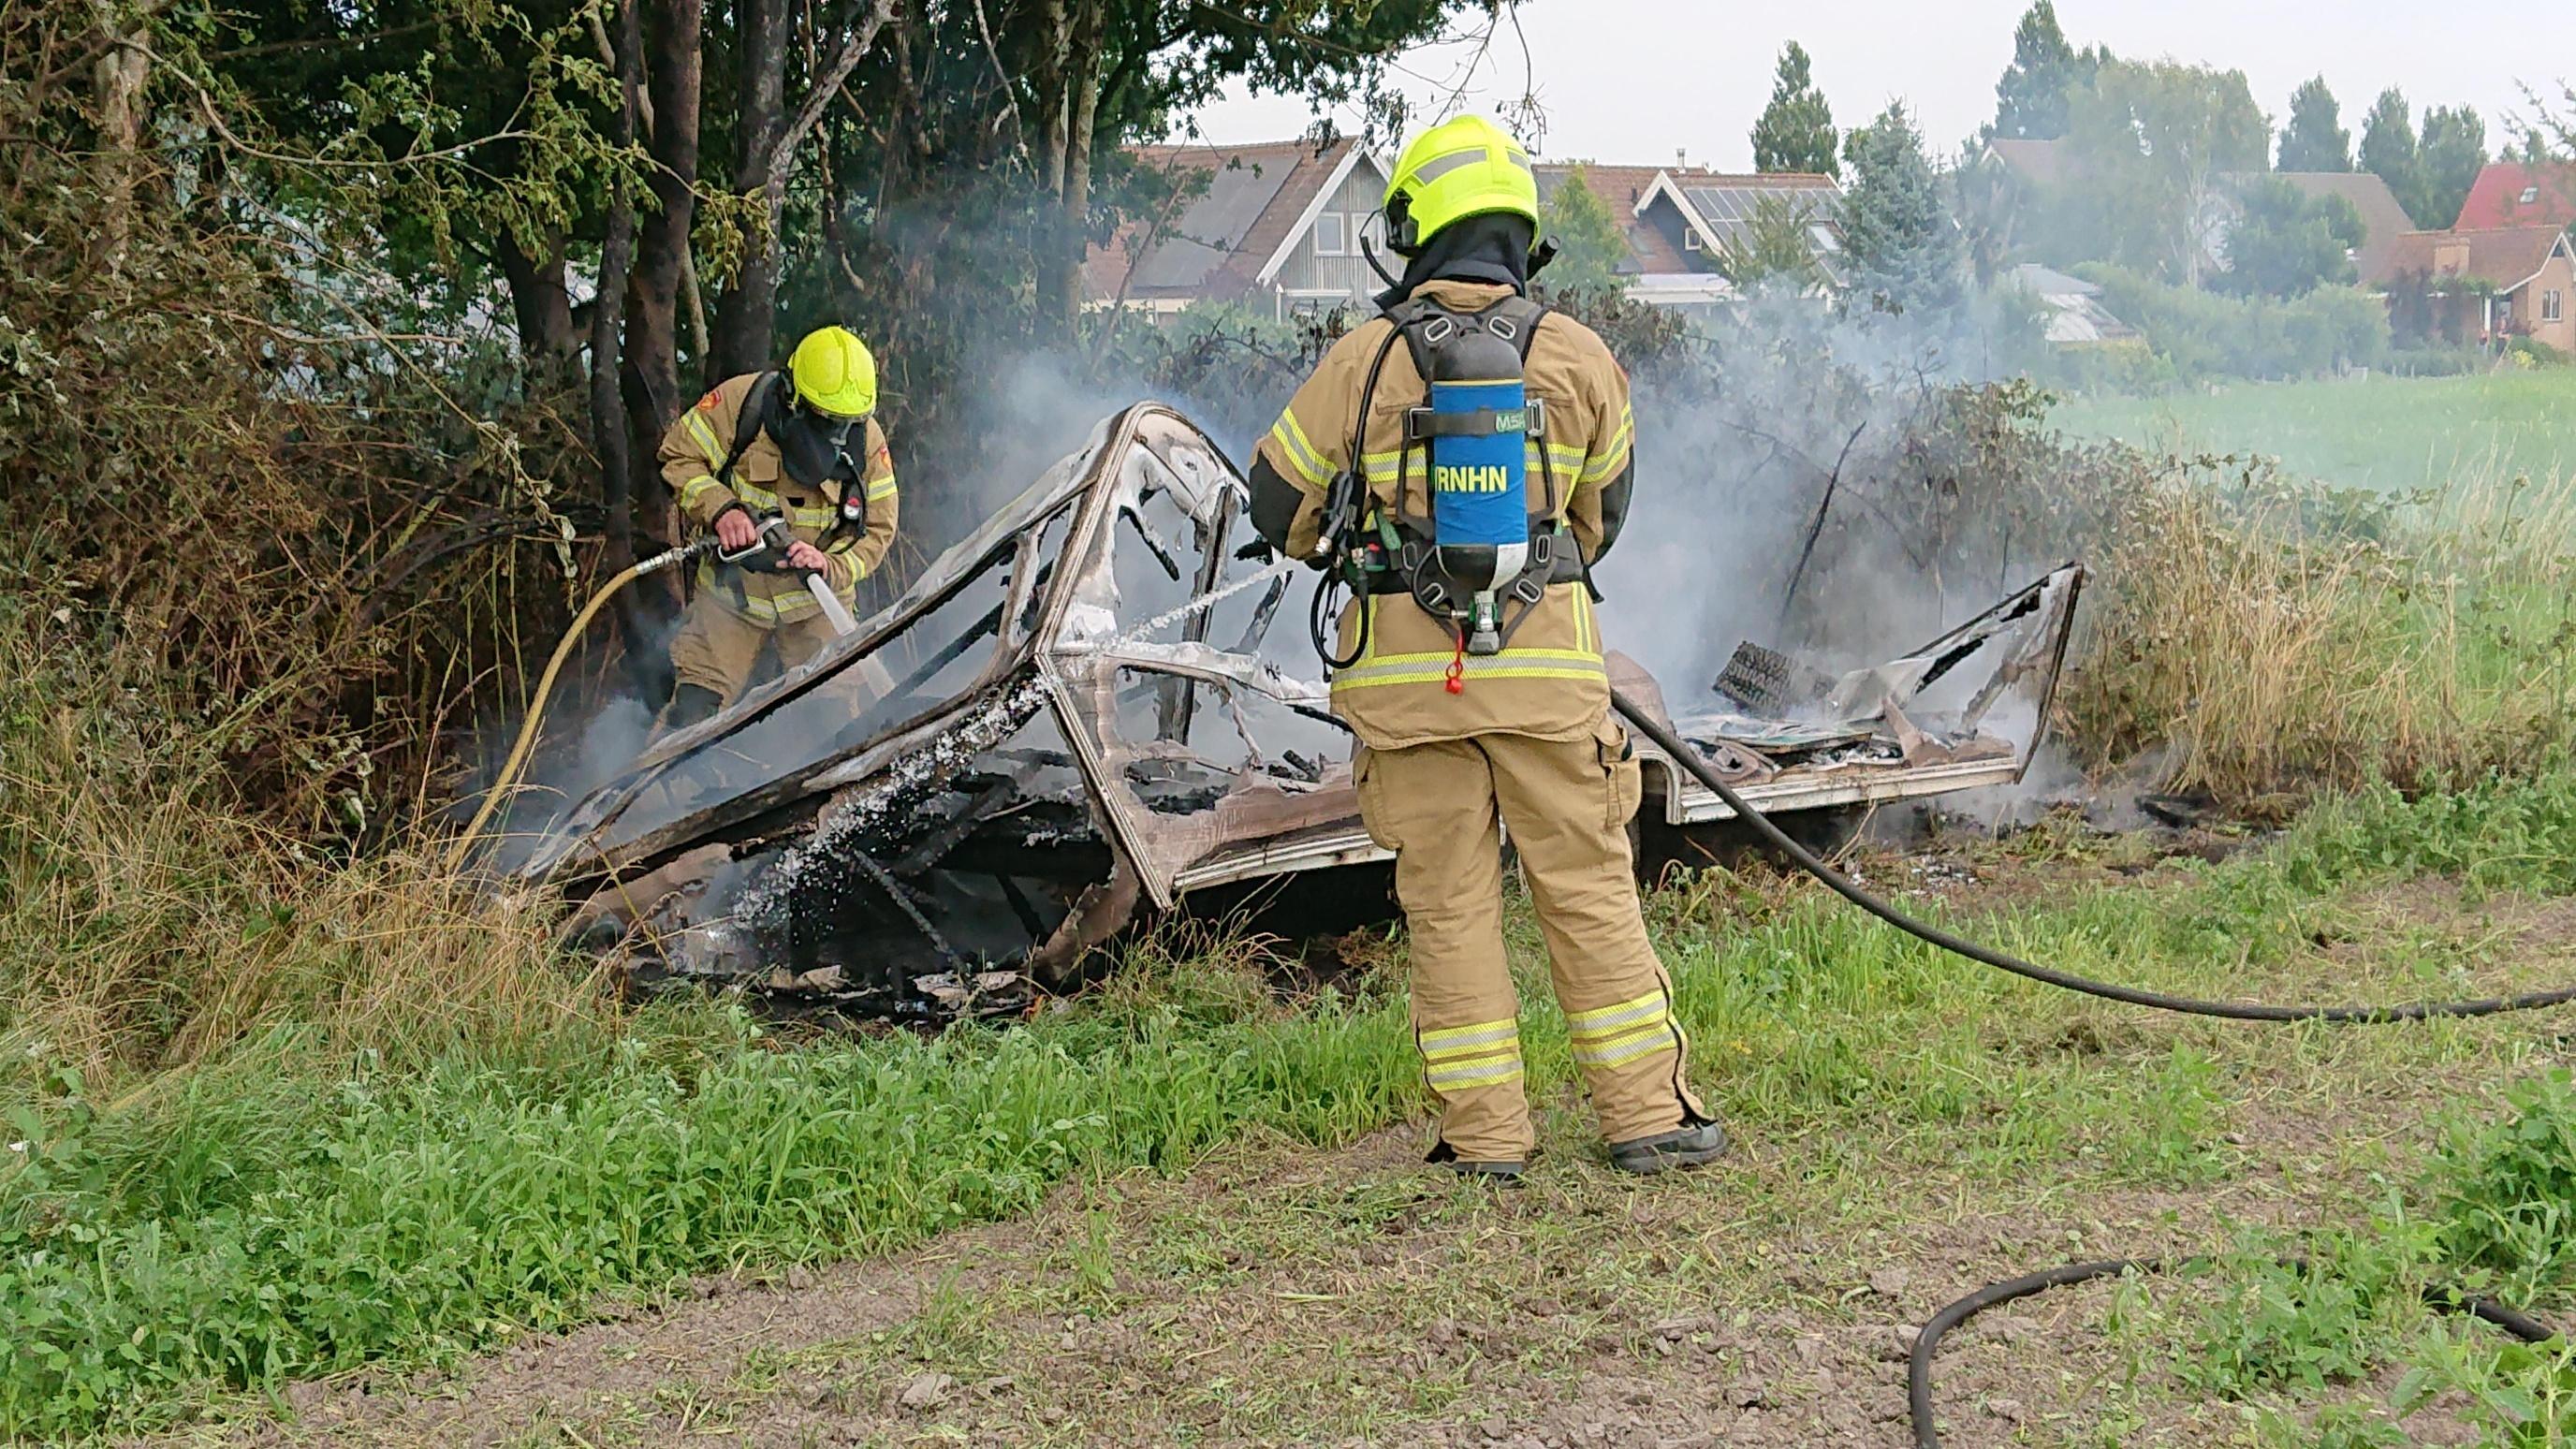 Caravan door brand in as gelegd in Venhuizen, politie vermoedt brandstichting